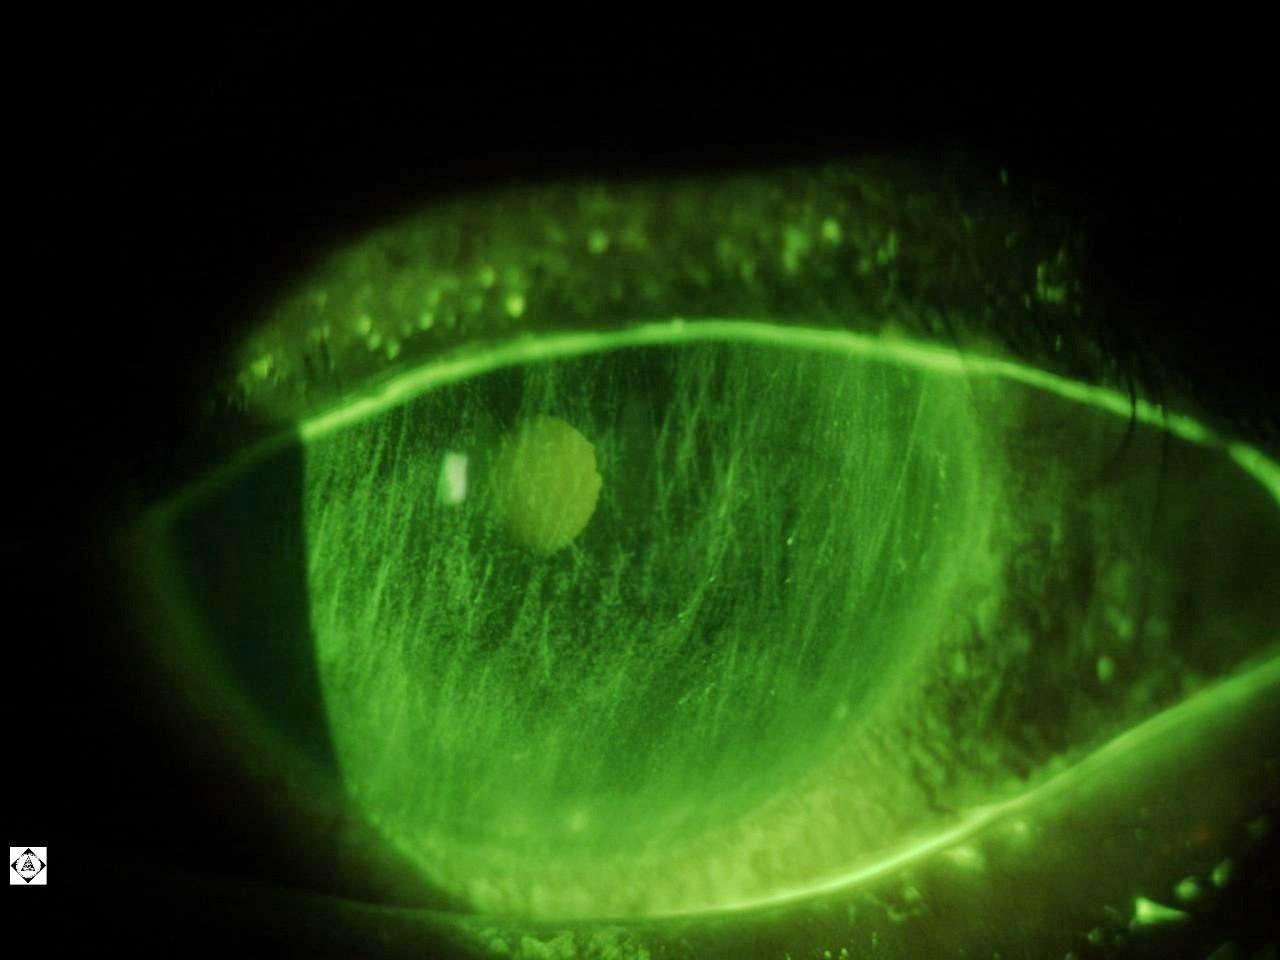 fluorescein stain